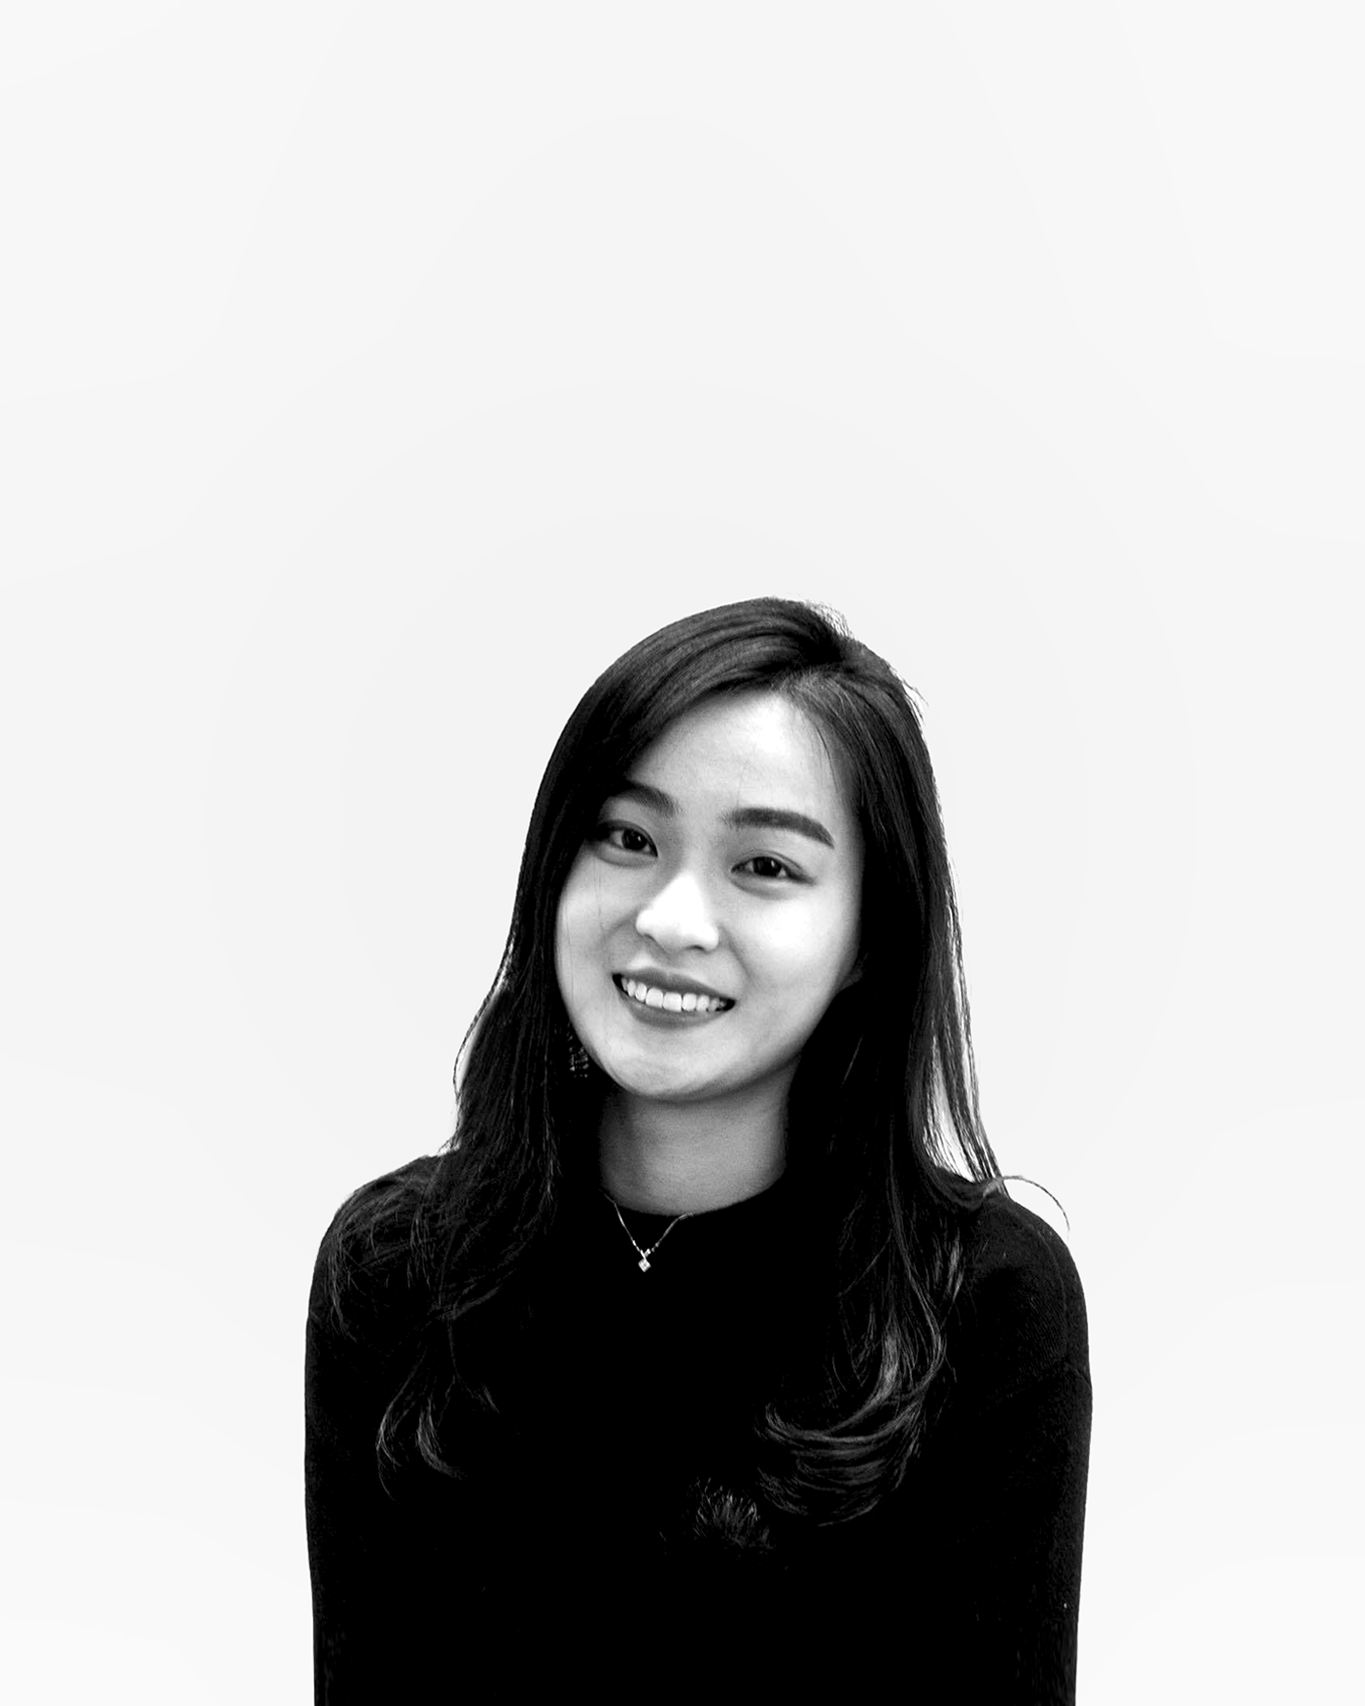 Zheyu Jiang